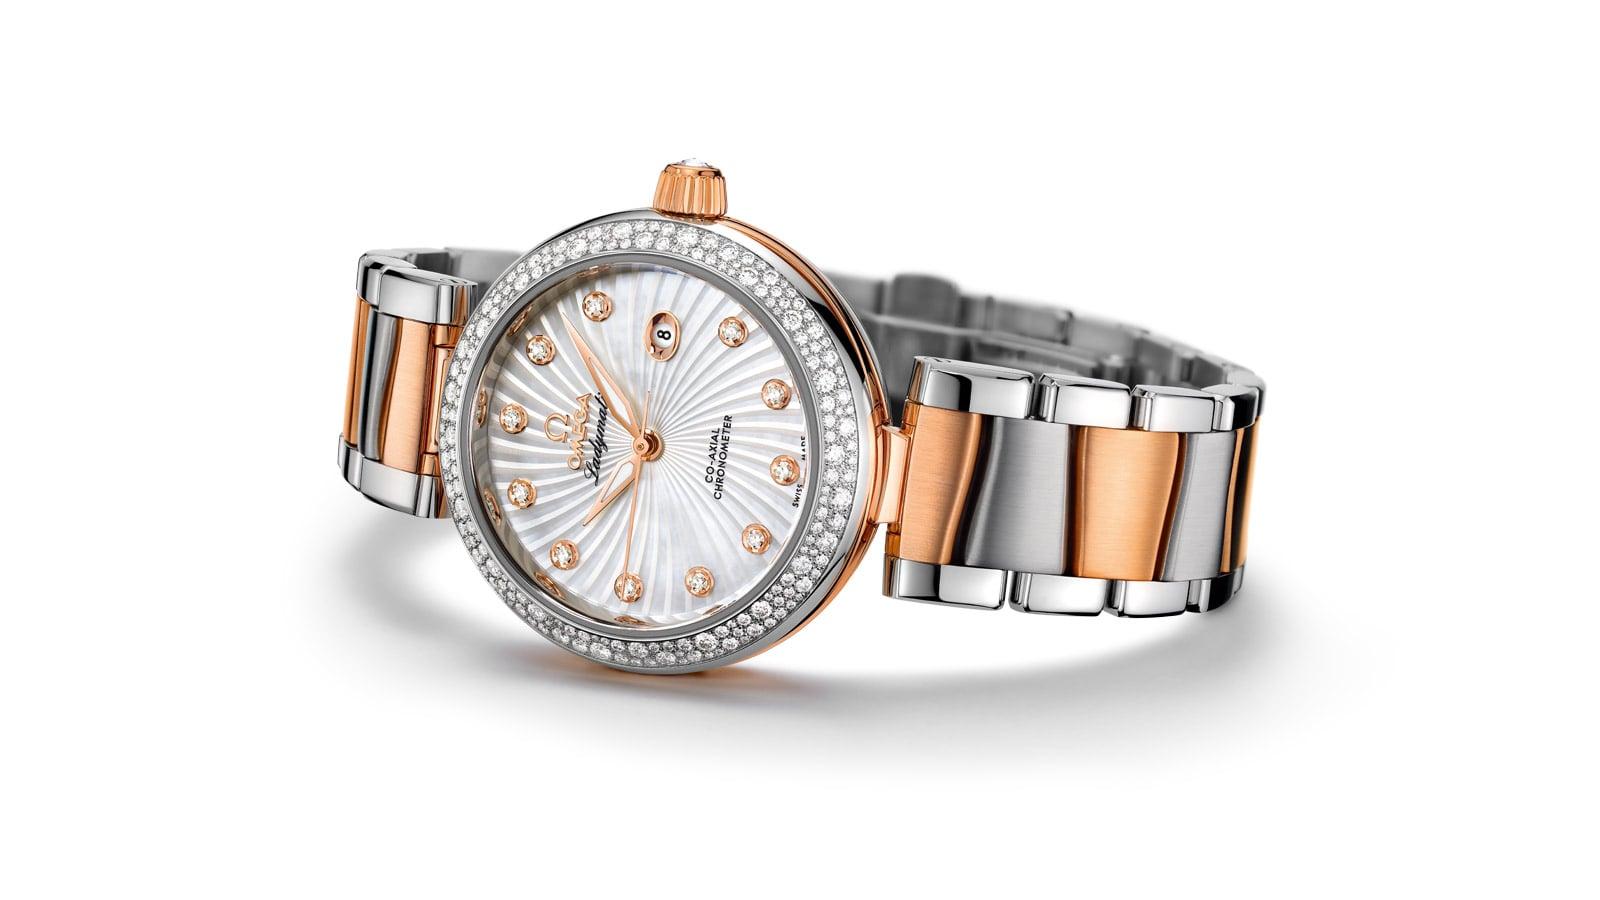 LADYMATIC系列 为21世纪设计的腕表